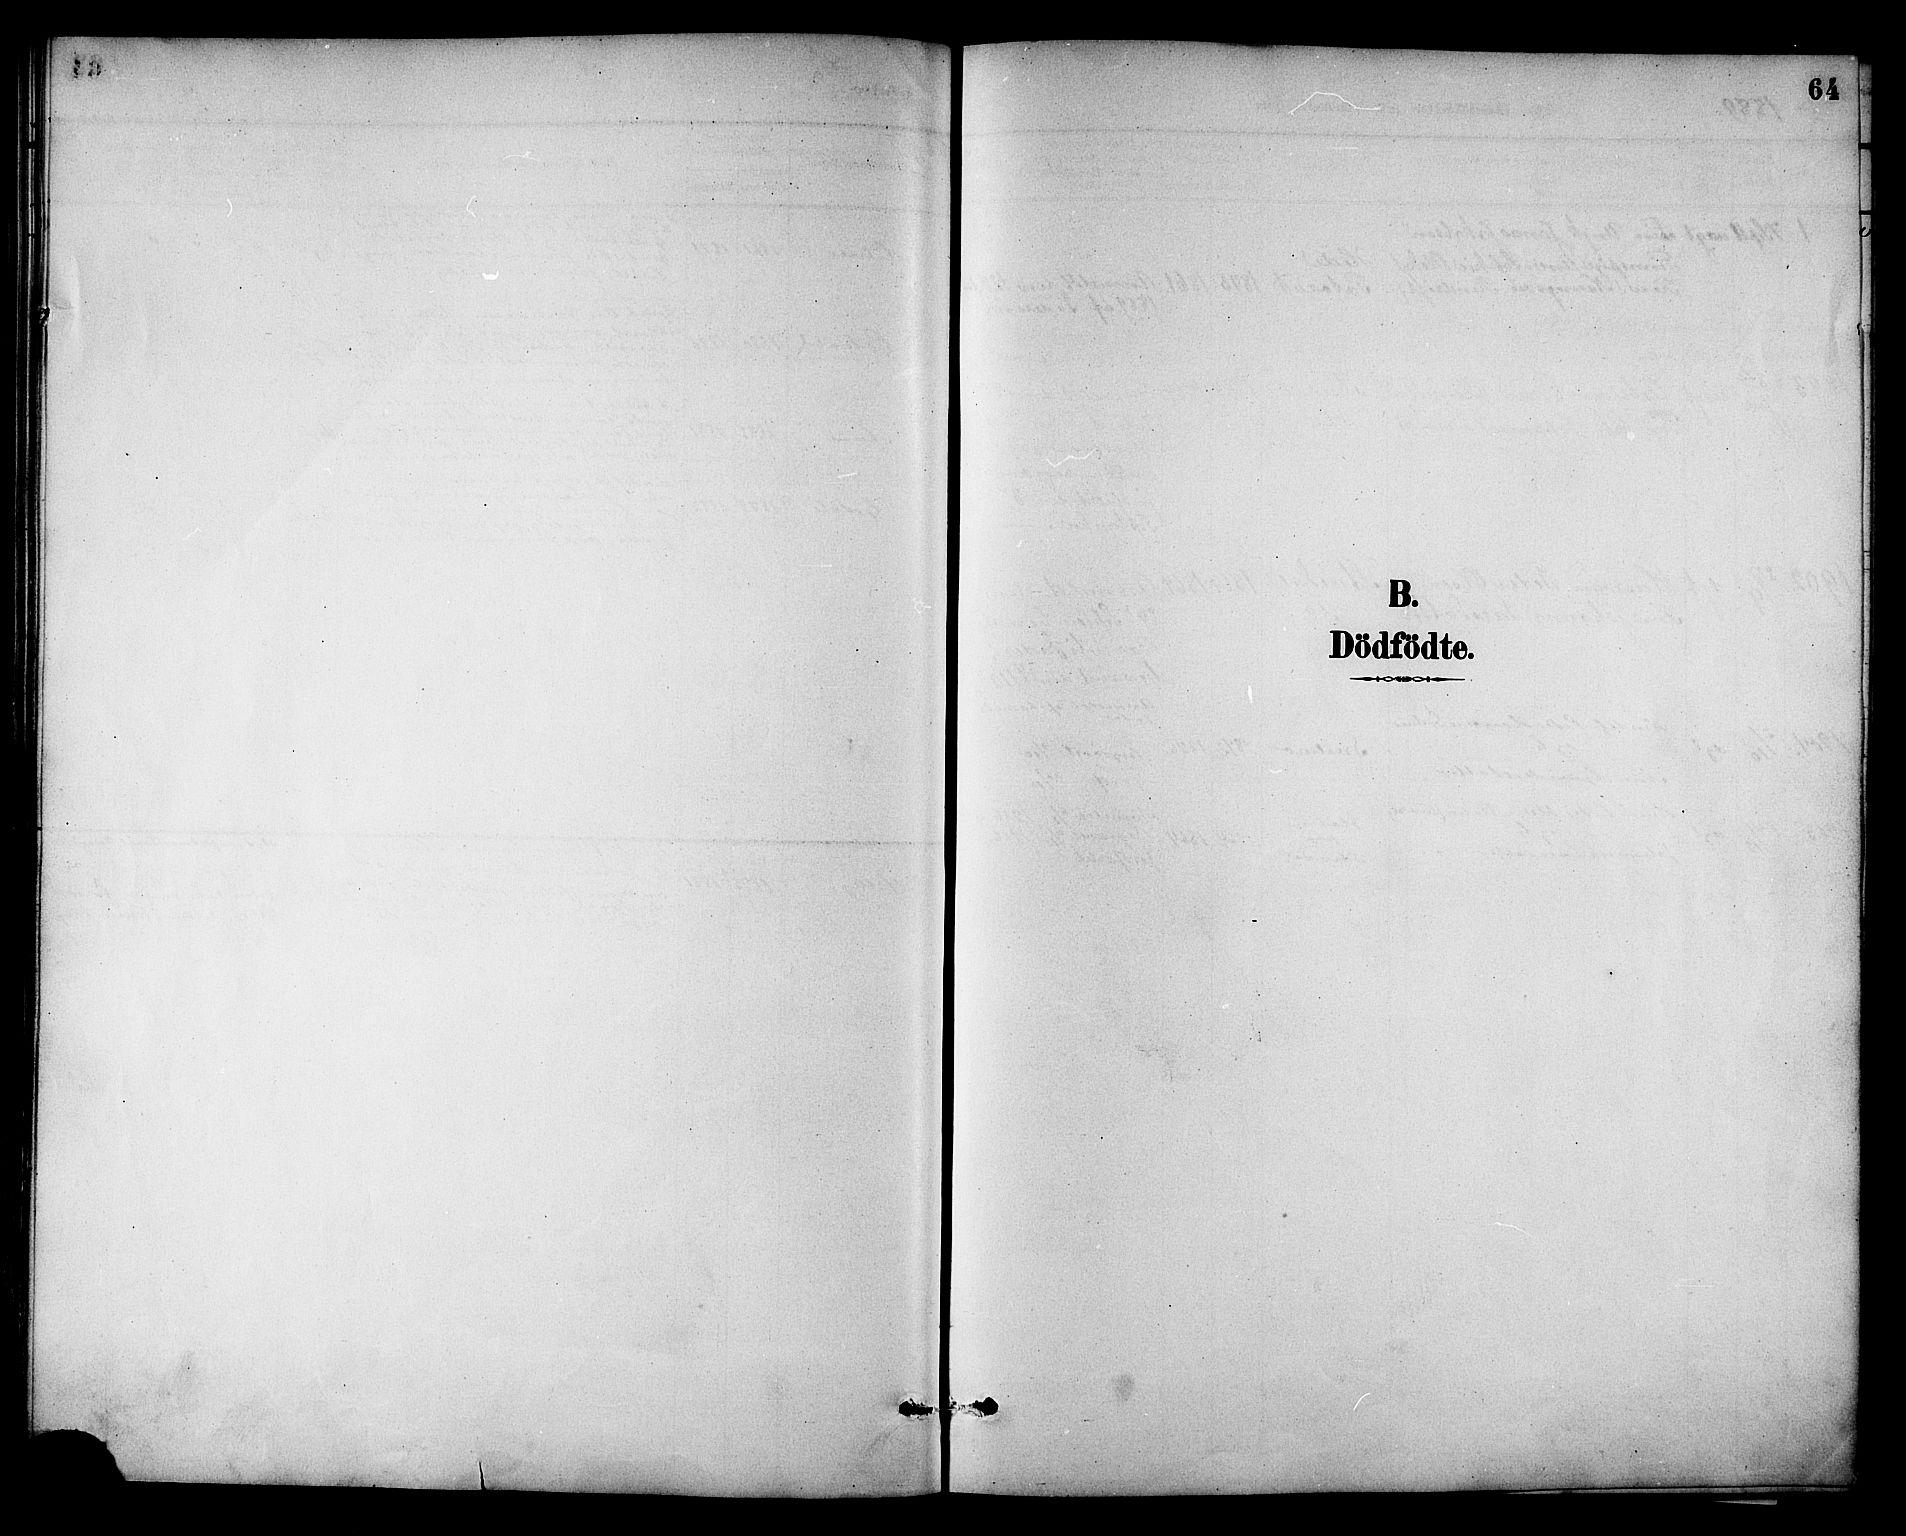 SAT, Ministerialprotokoller, klokkerbøker og fødselsregistre - Sør-Trøndelag, 698/L1167: Klokkerbok nr. 698C04, 1888-1907, s. 64